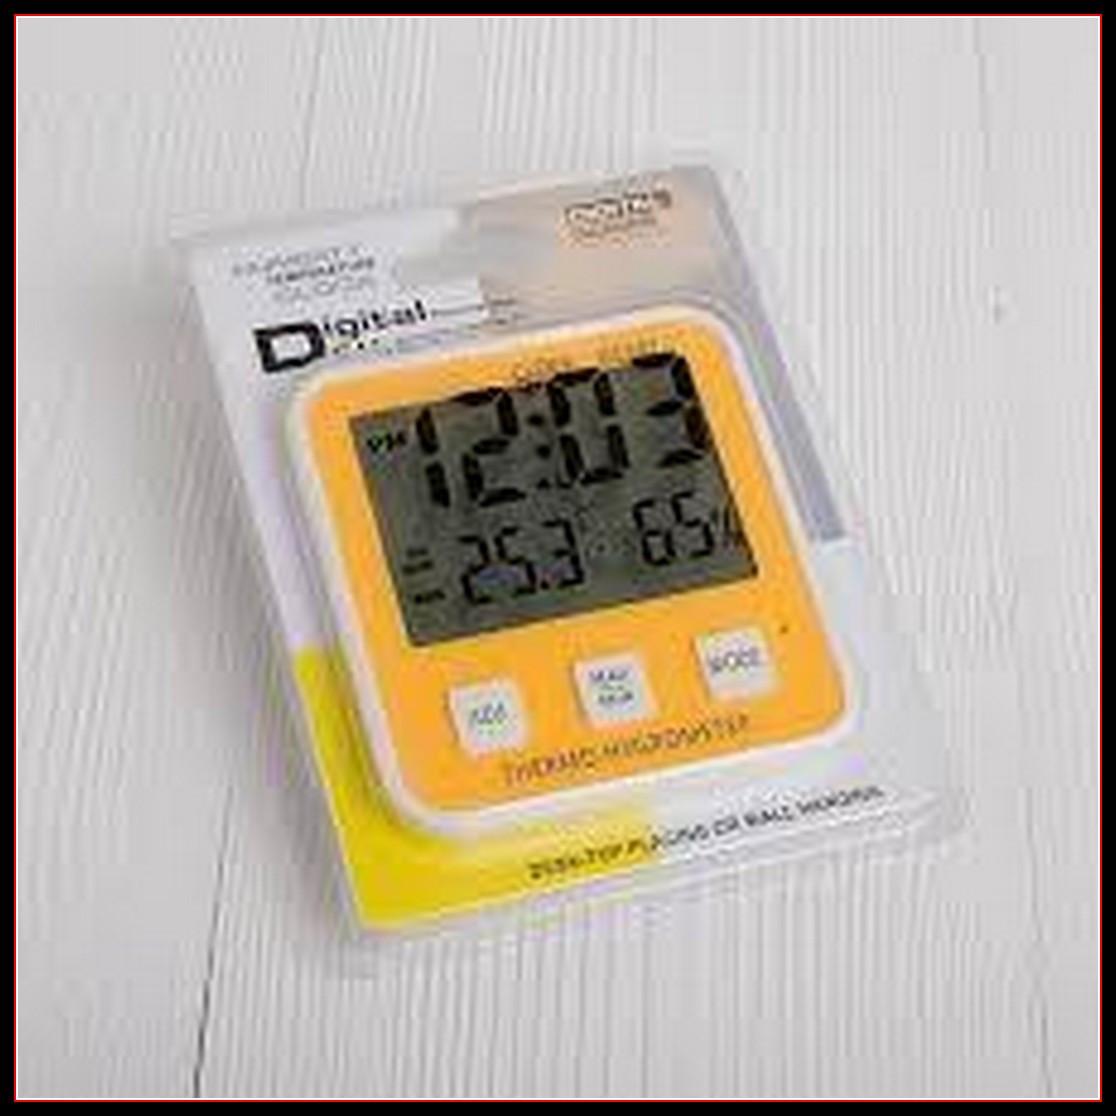 Термометр с гигрометром домашняя метеостанция DC-107